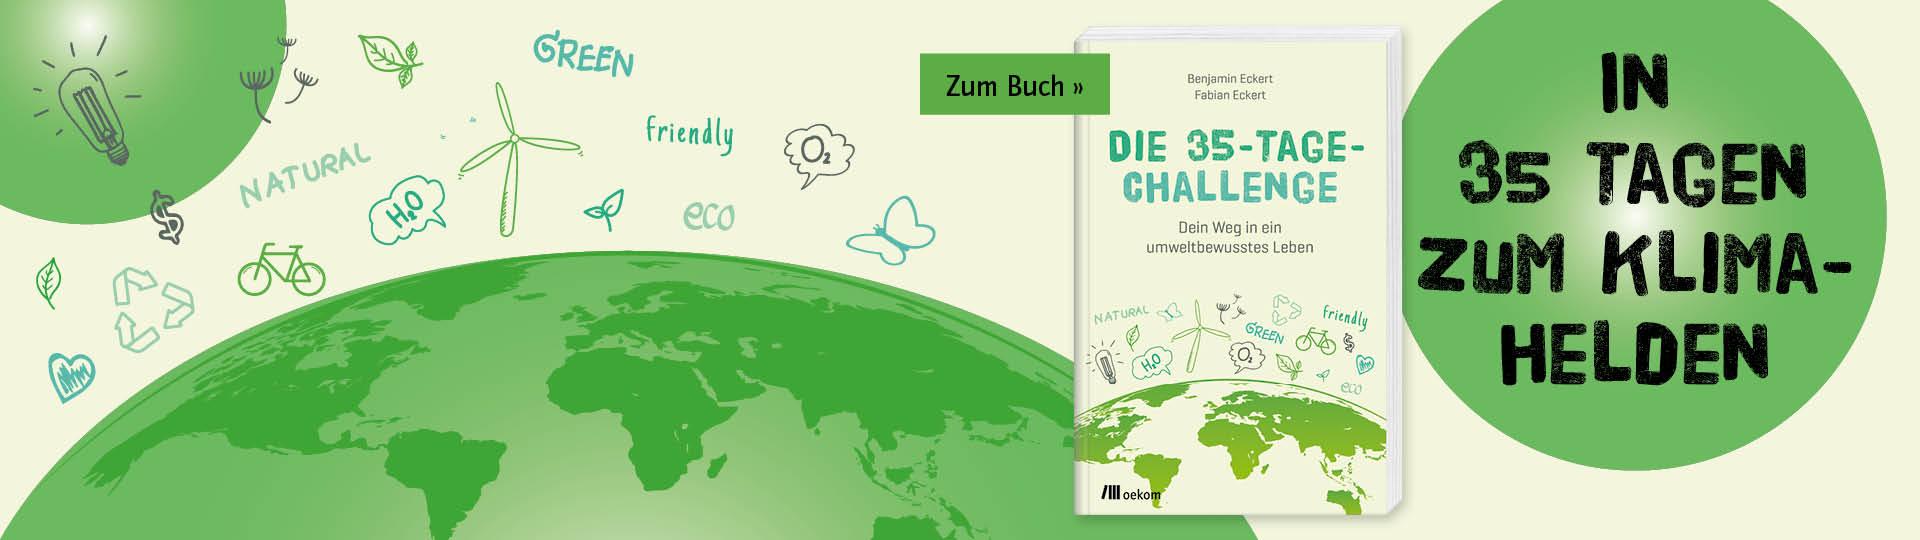 Buch für ein umweltbewusstes Leben in 35 Tagen